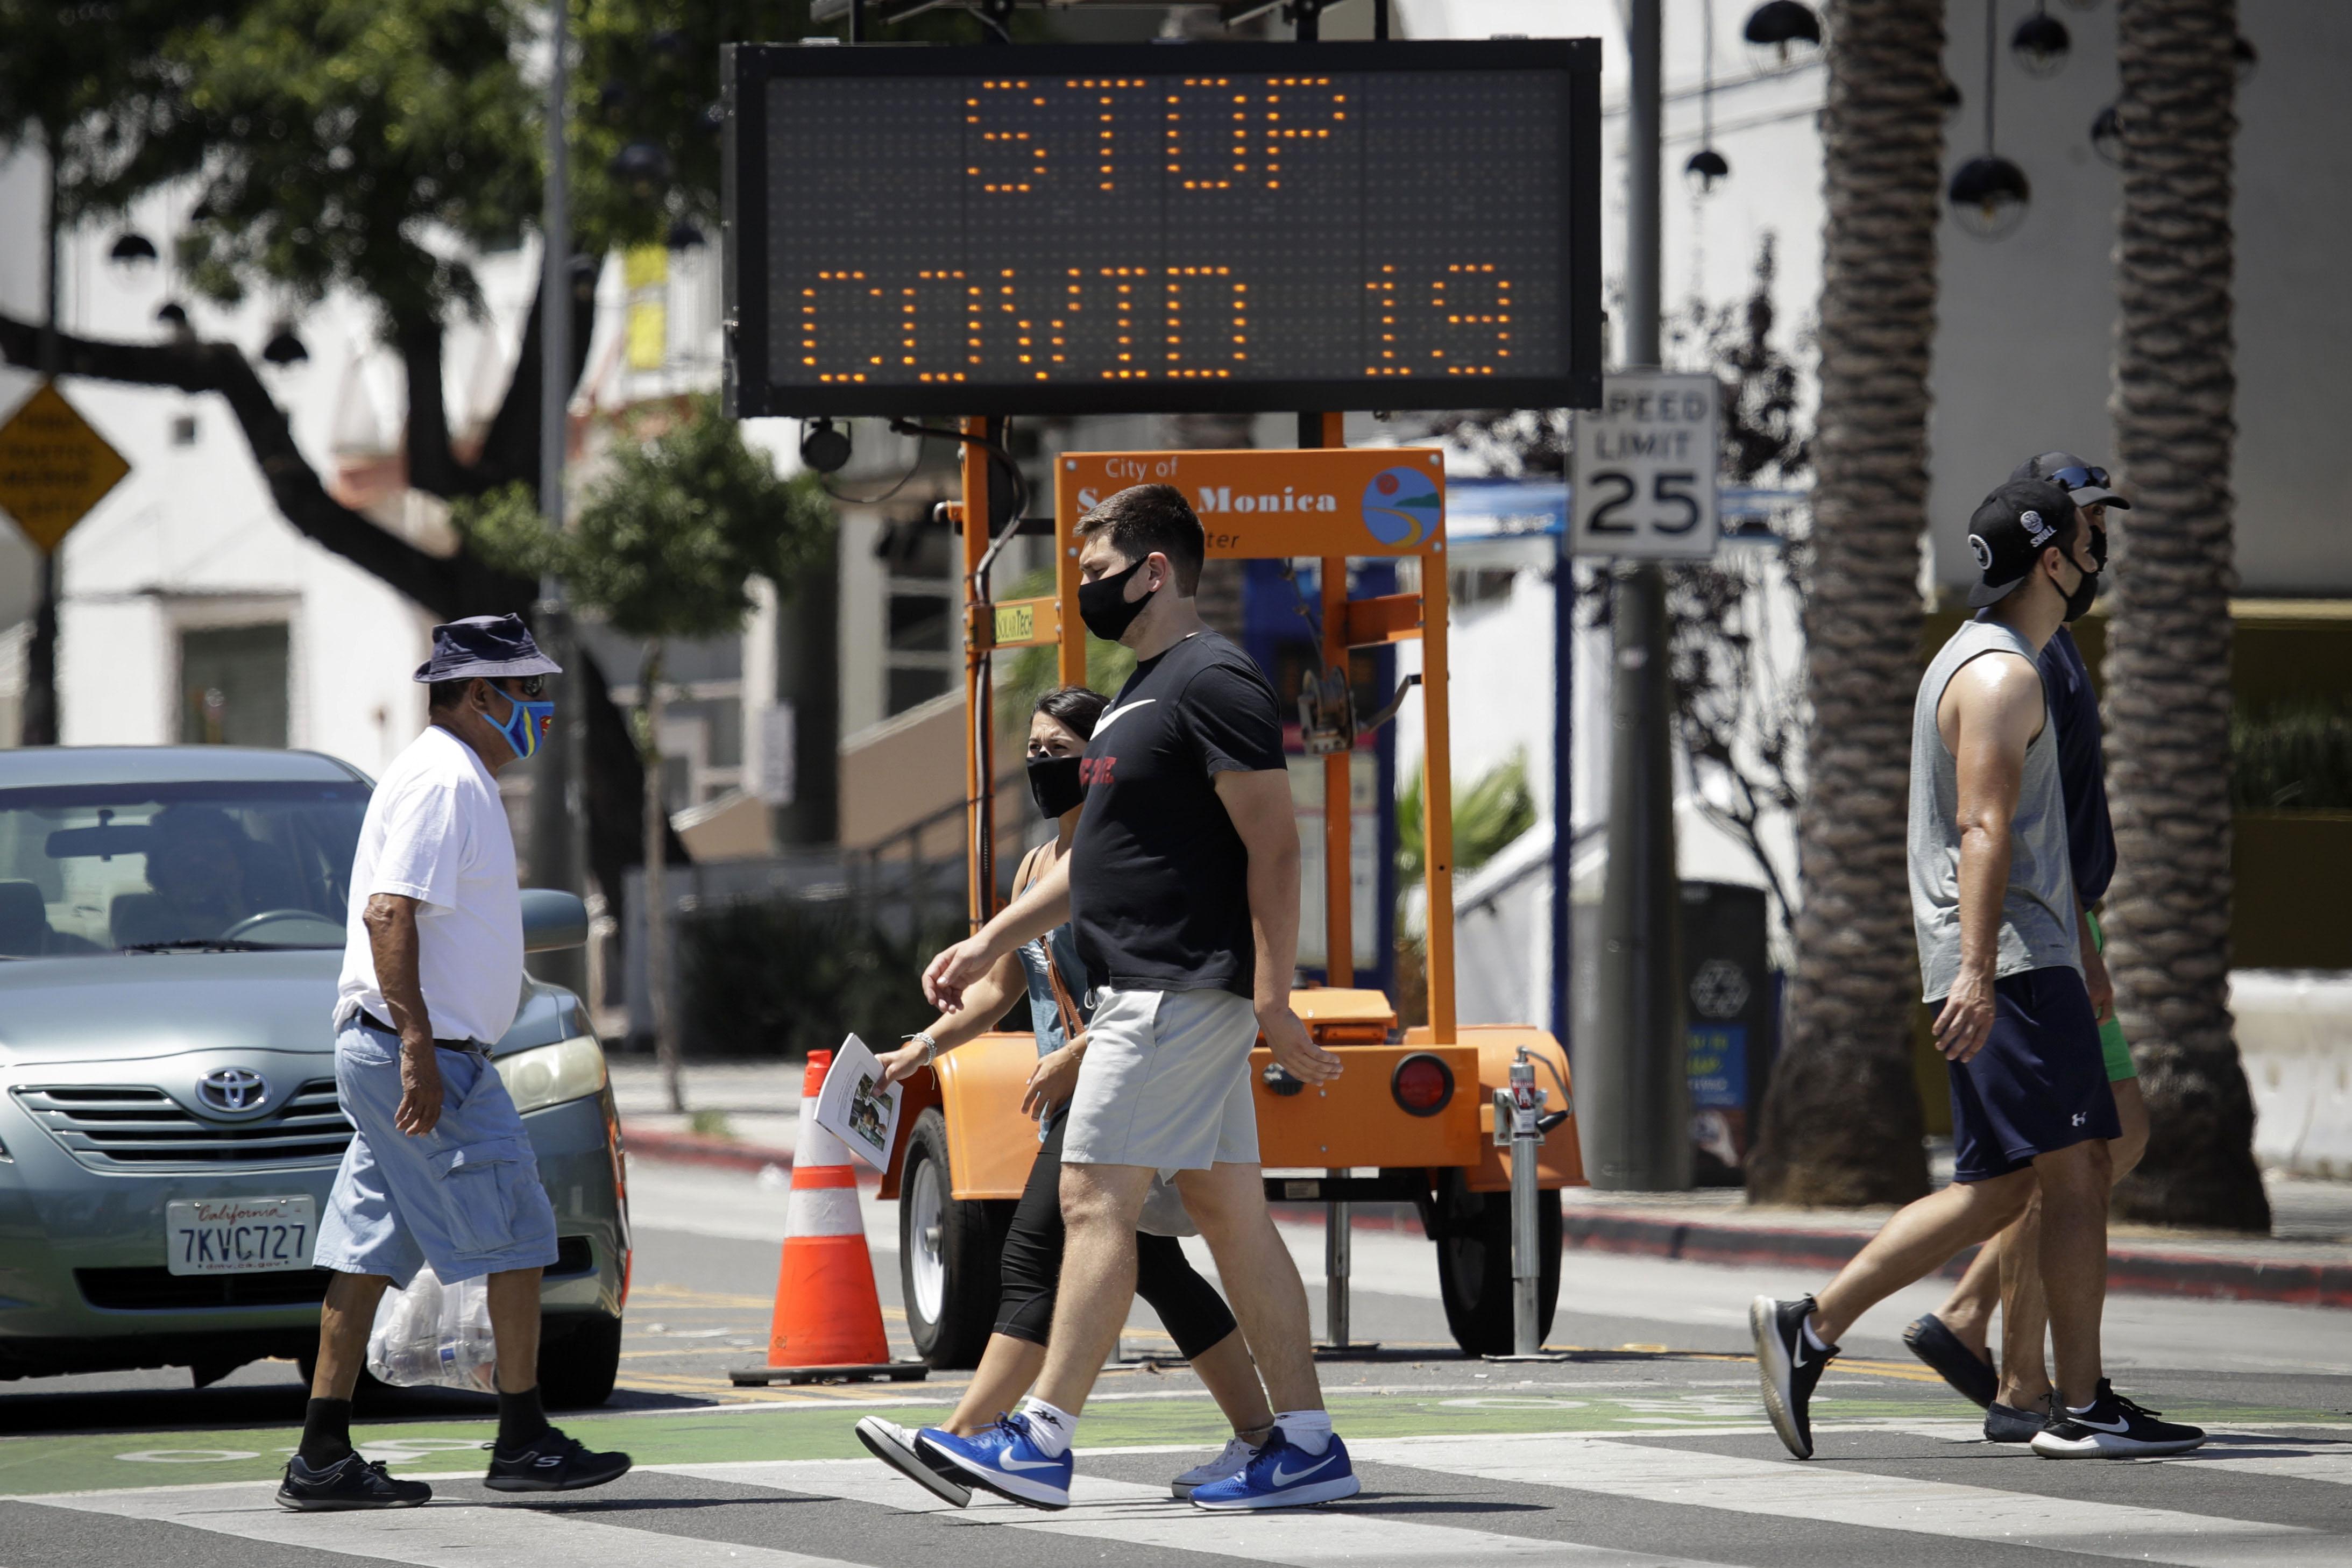 People cross a street in Santa Monica, California, on July 12.